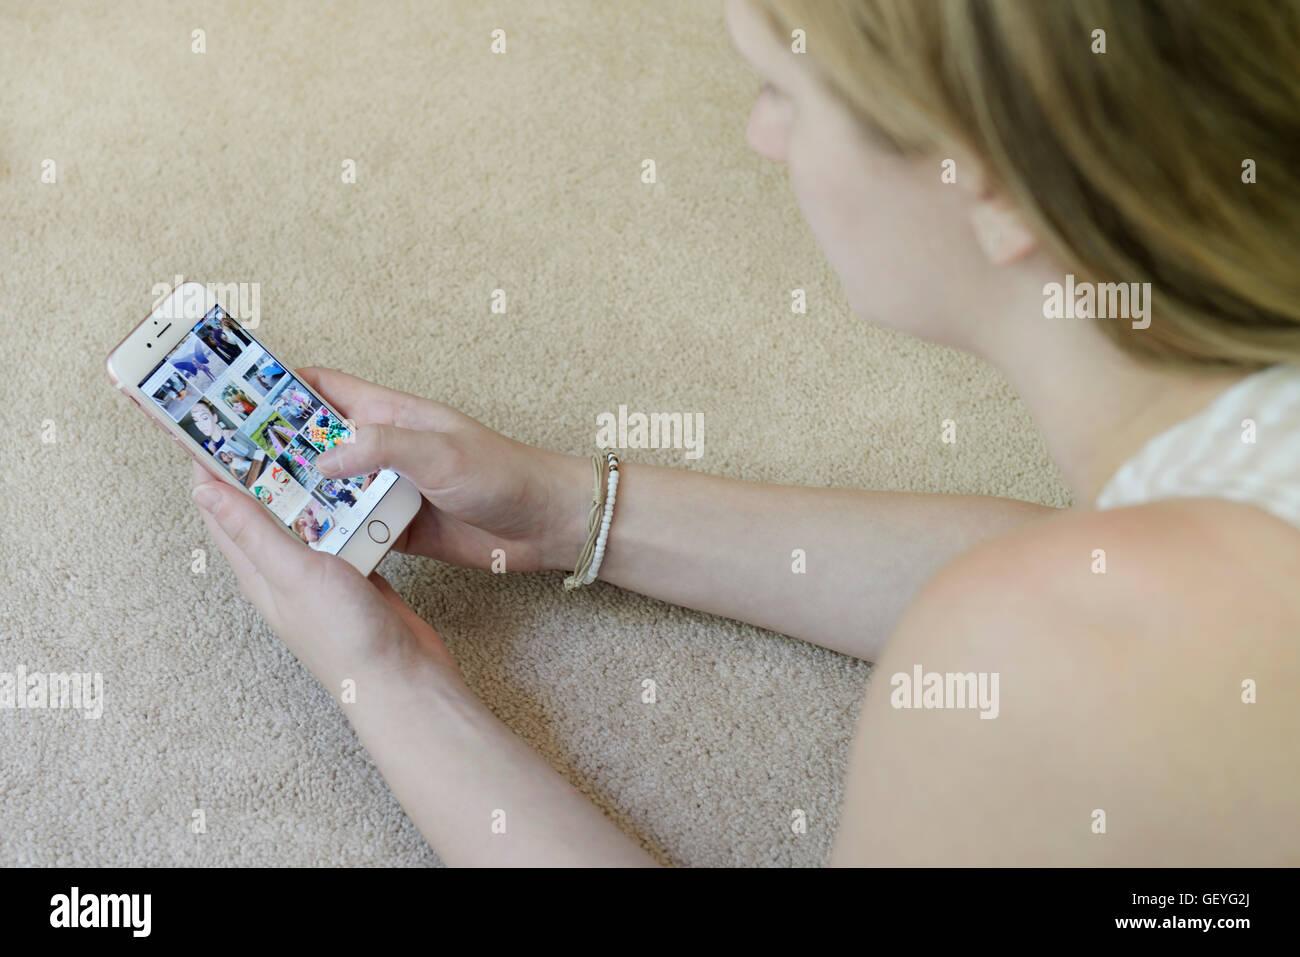 Adolescente con social media Instagram app en su teléfono móvil (iphone) Imagen De Stock